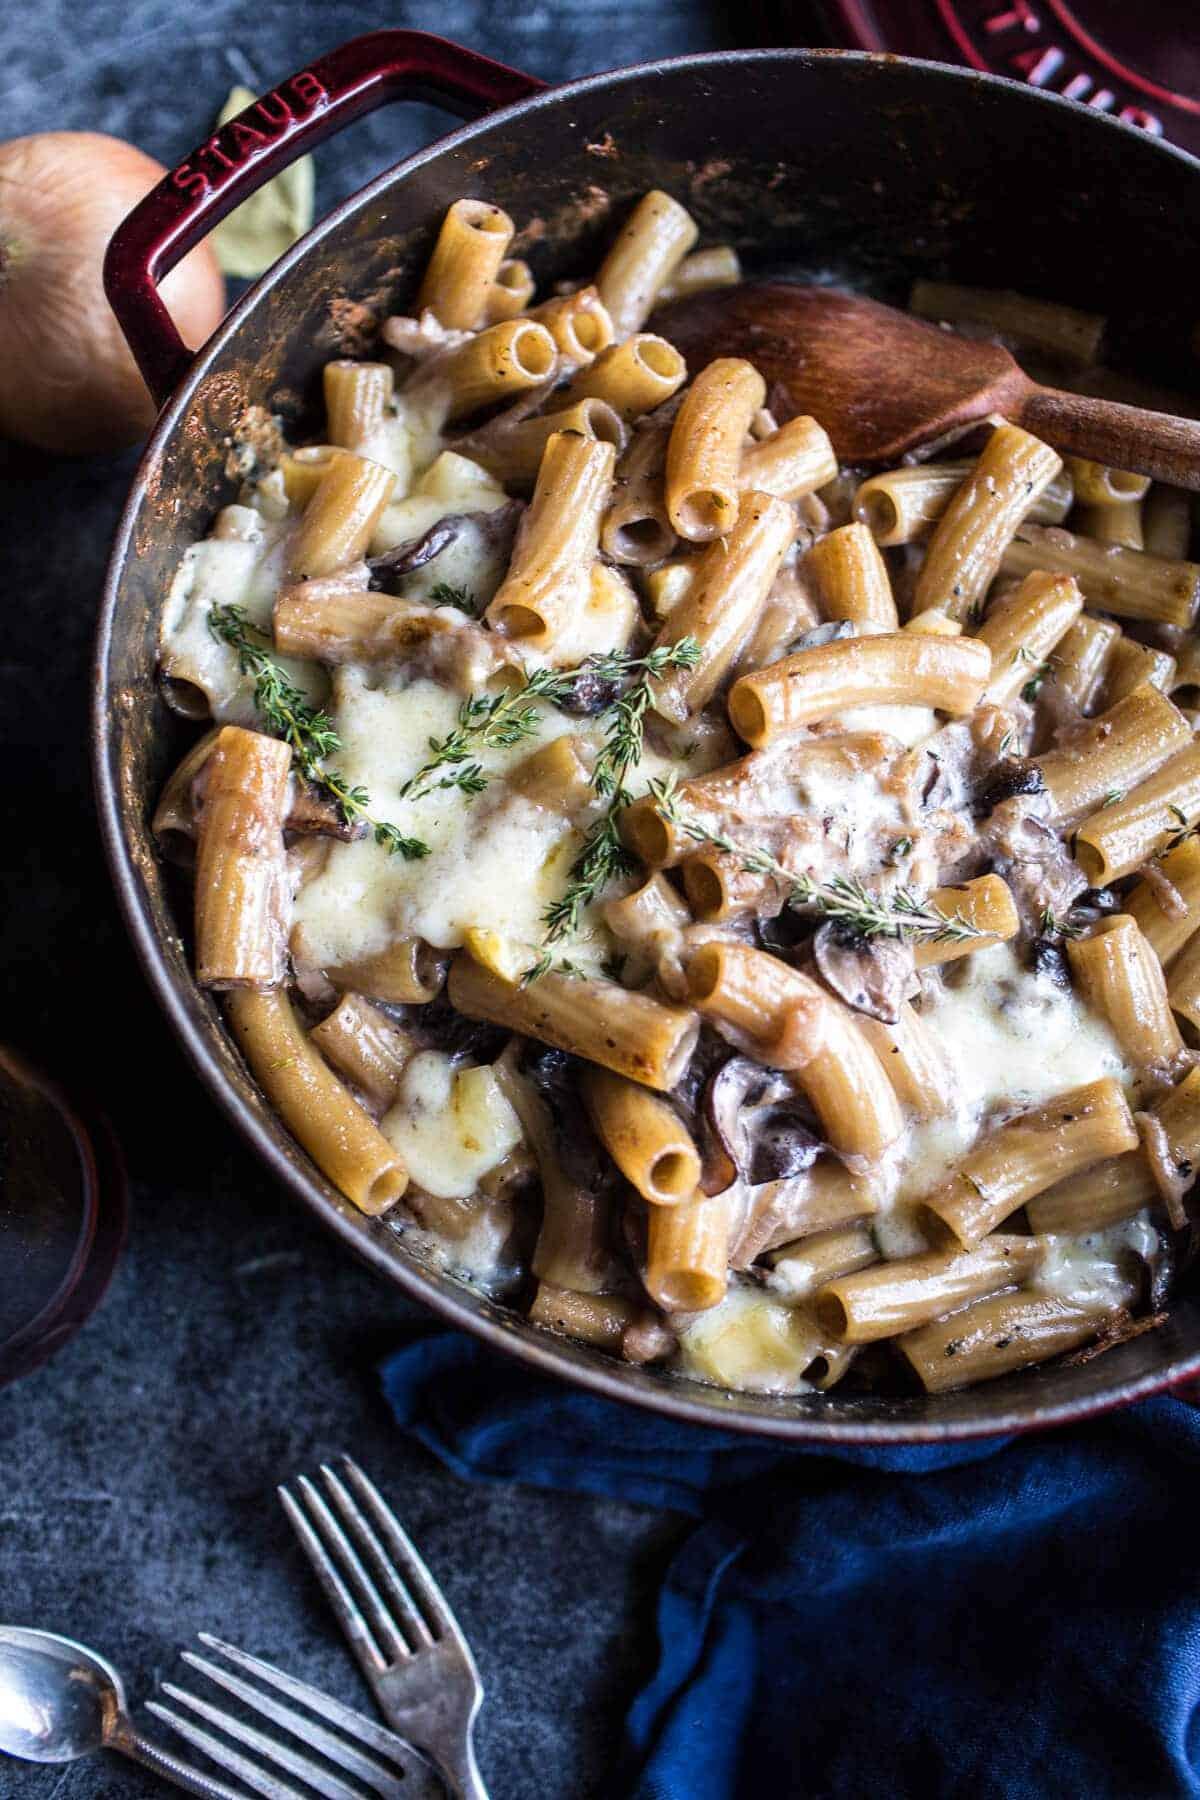 10 Easy One Pot Recipes + Sunday Meal Prep Tips | halfbakedharvest.com @hbharvest